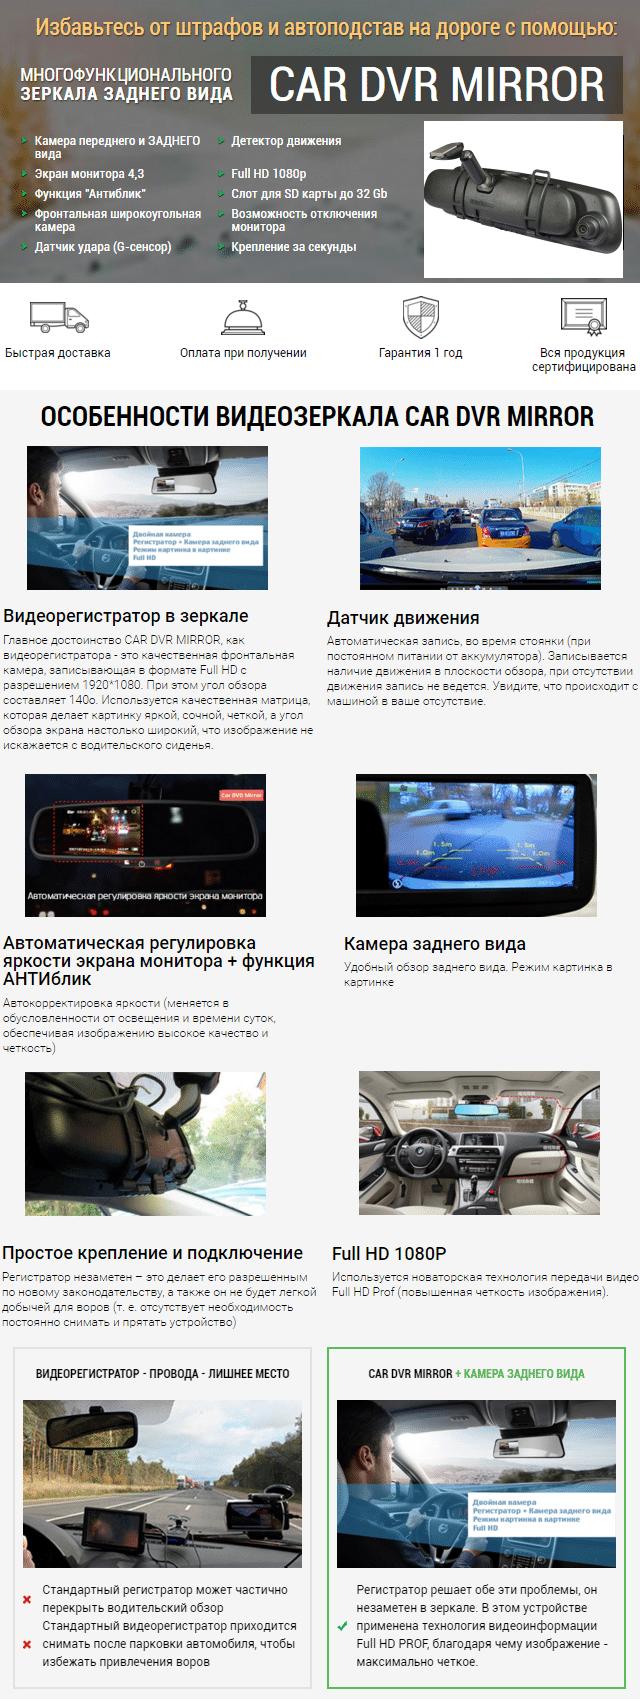 Видеозеркало Car DVR Mirror HD 1080p с камерой заднего вида - фото pic_d36909a8496551f_700x3000_1.png